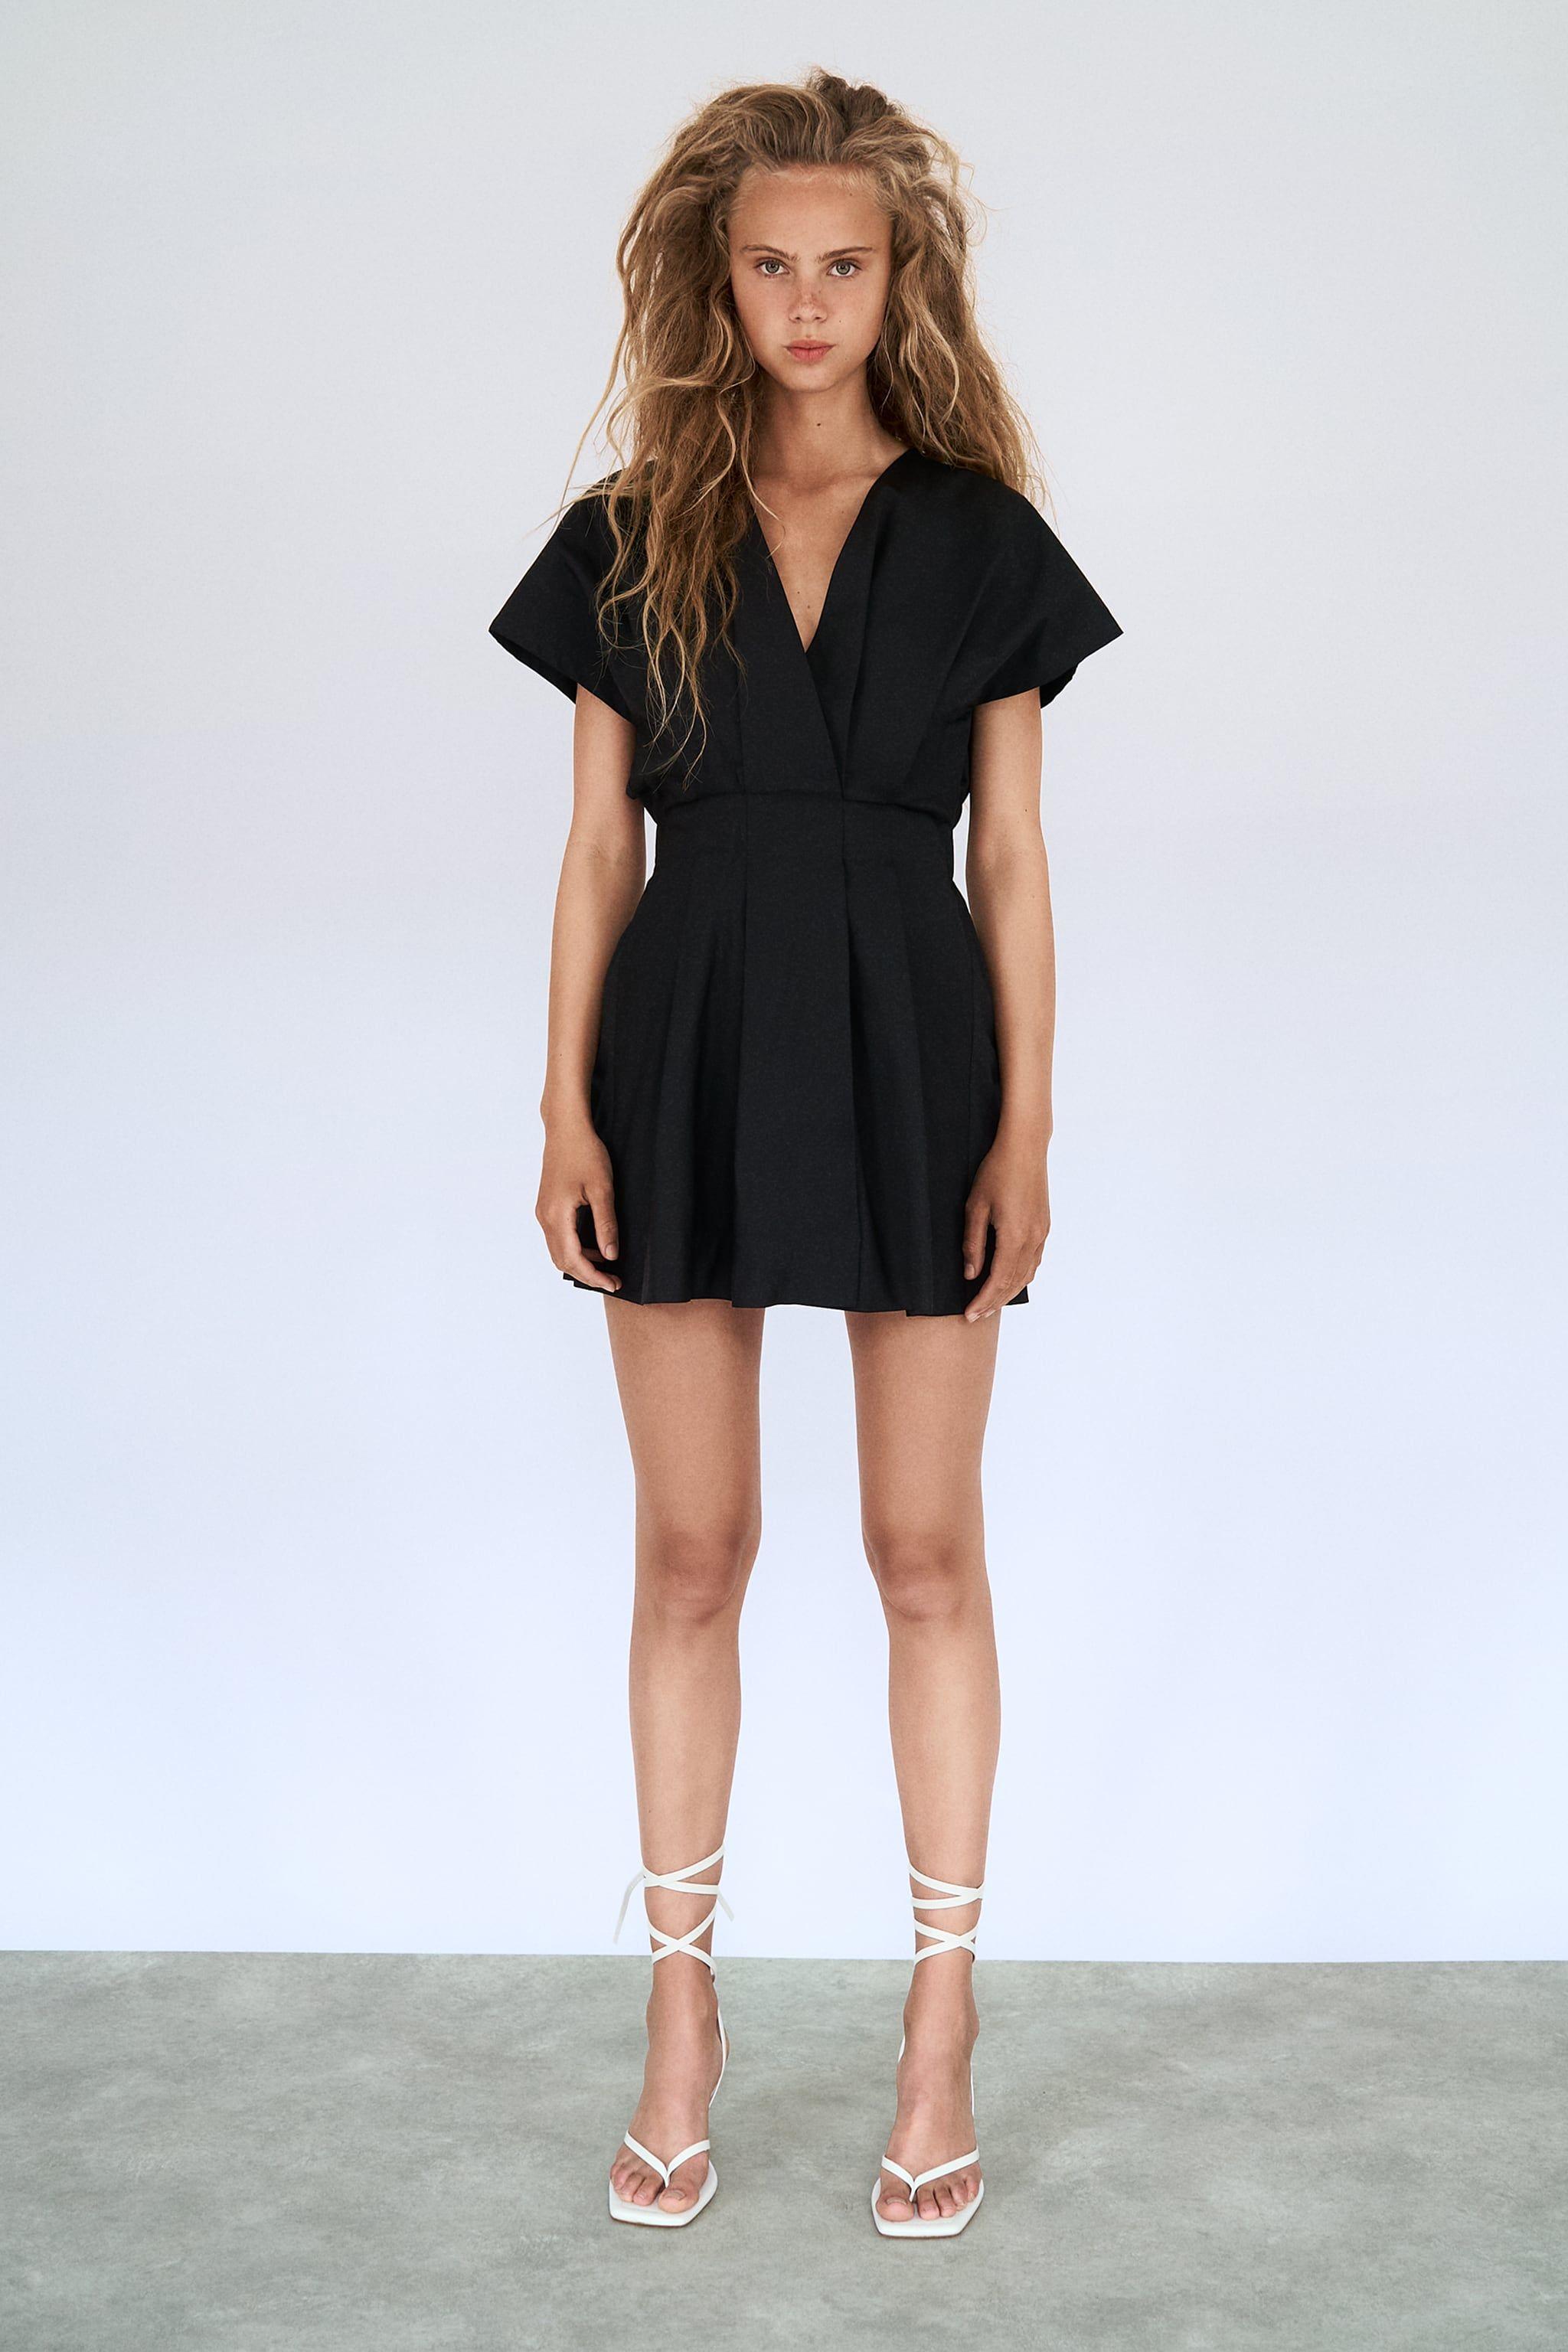 Poplin Dress Trf Zara United States Poplin Dress Gathered Dress Dresses [ 3072 x 2048 Pixel ]